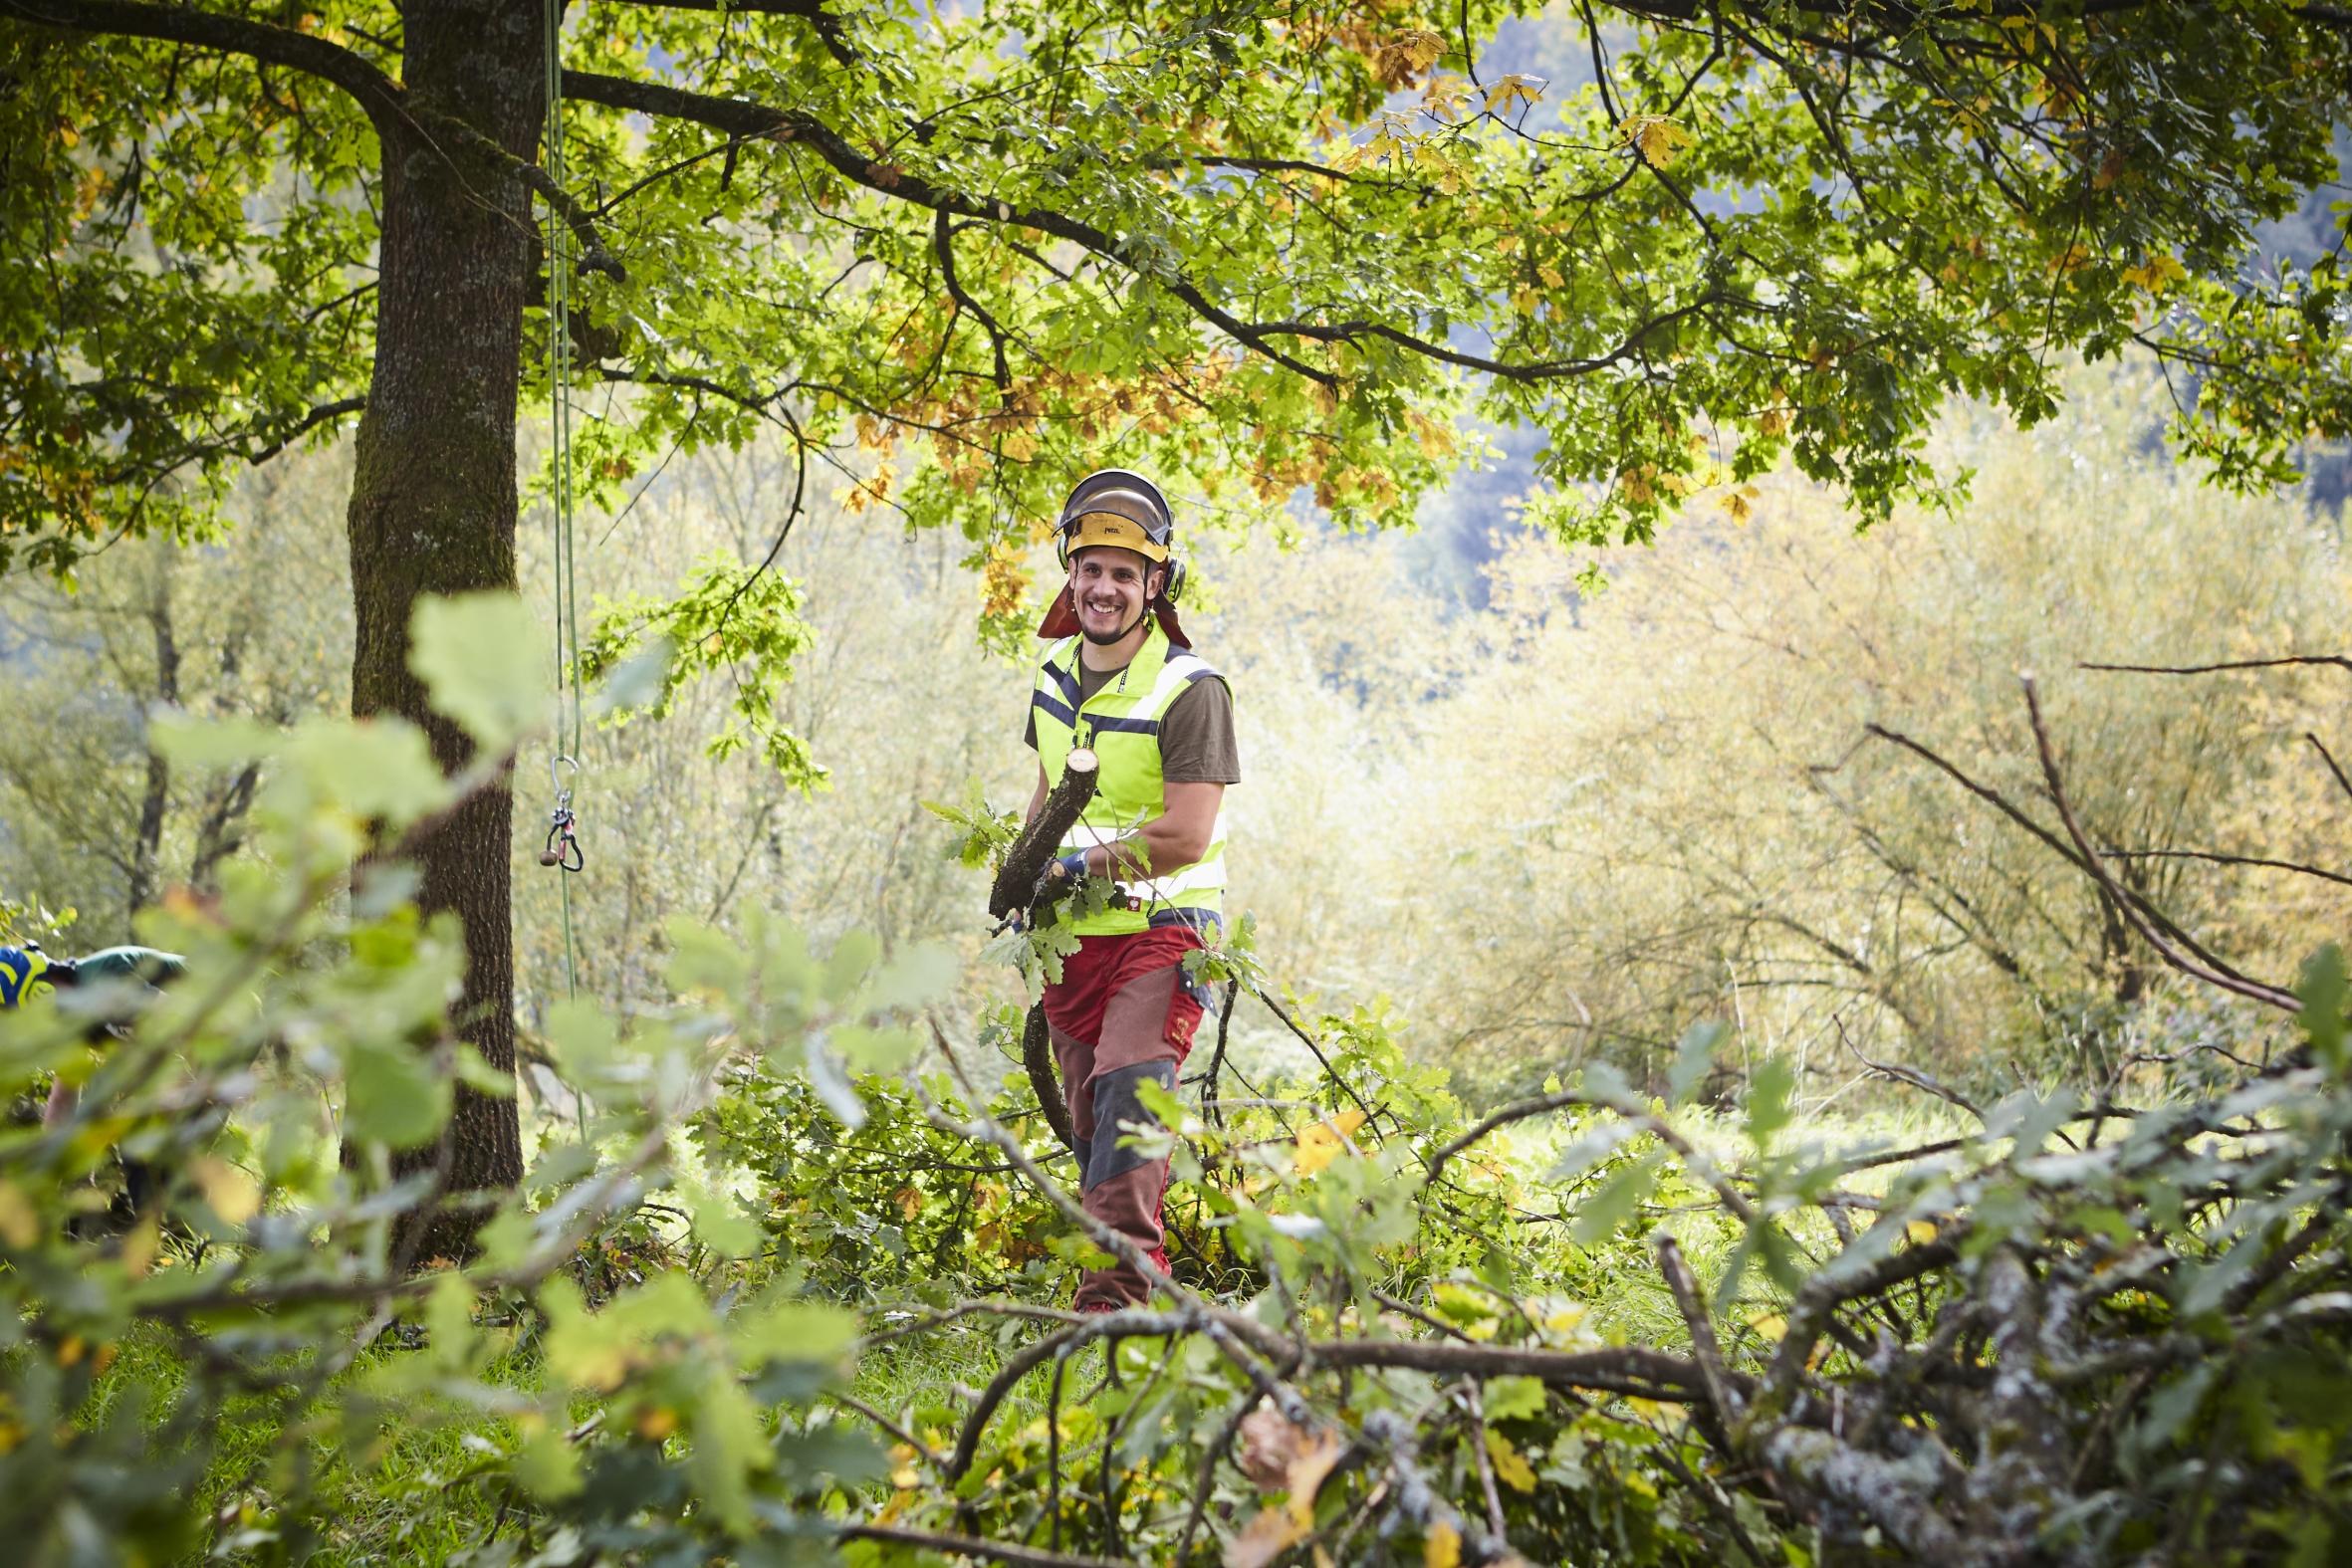 Baumpfleger / Baumpflegerin: Grüner Traumjob für Aktive